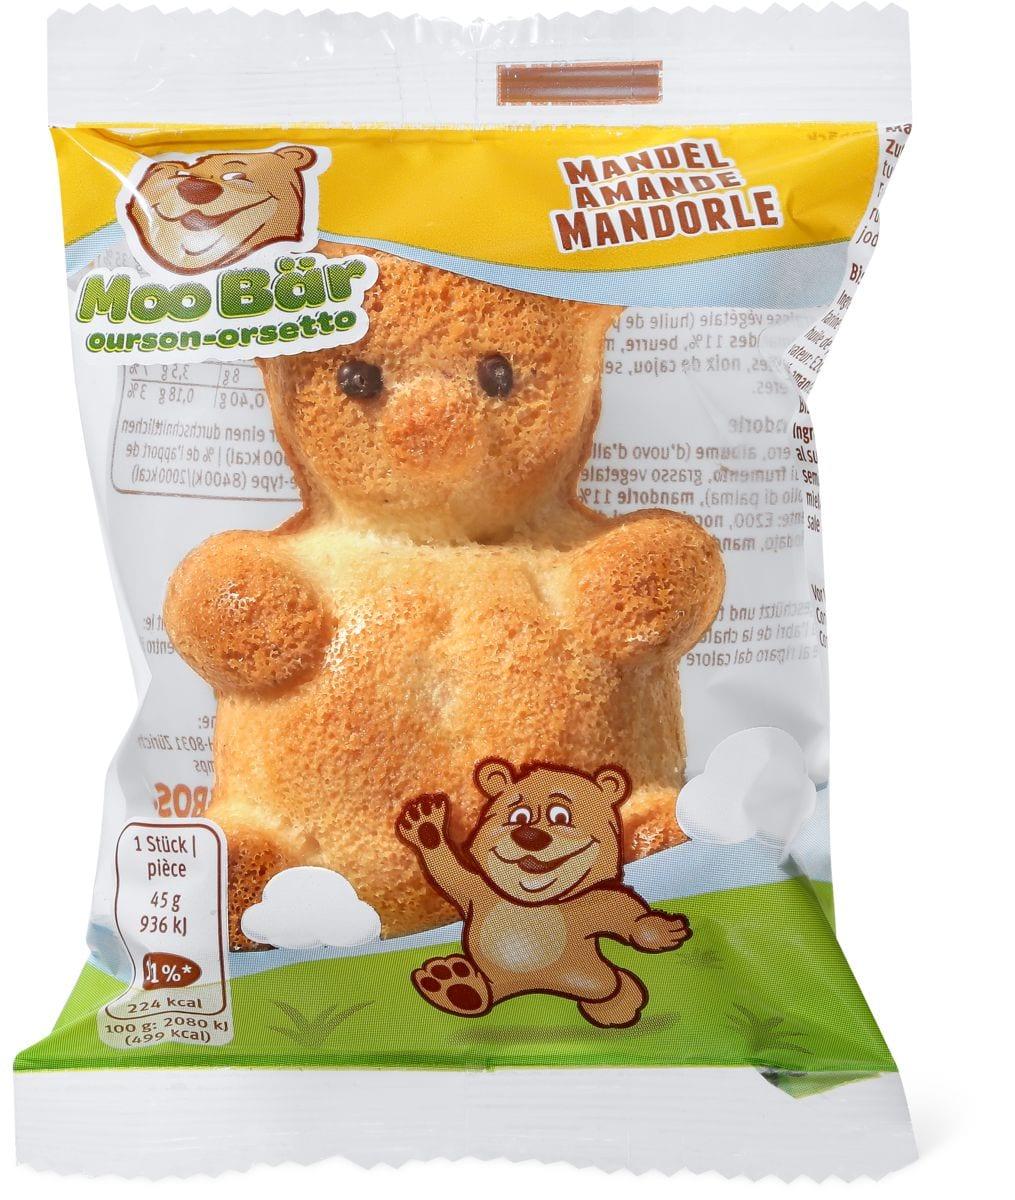 Moo ourson aux amandes